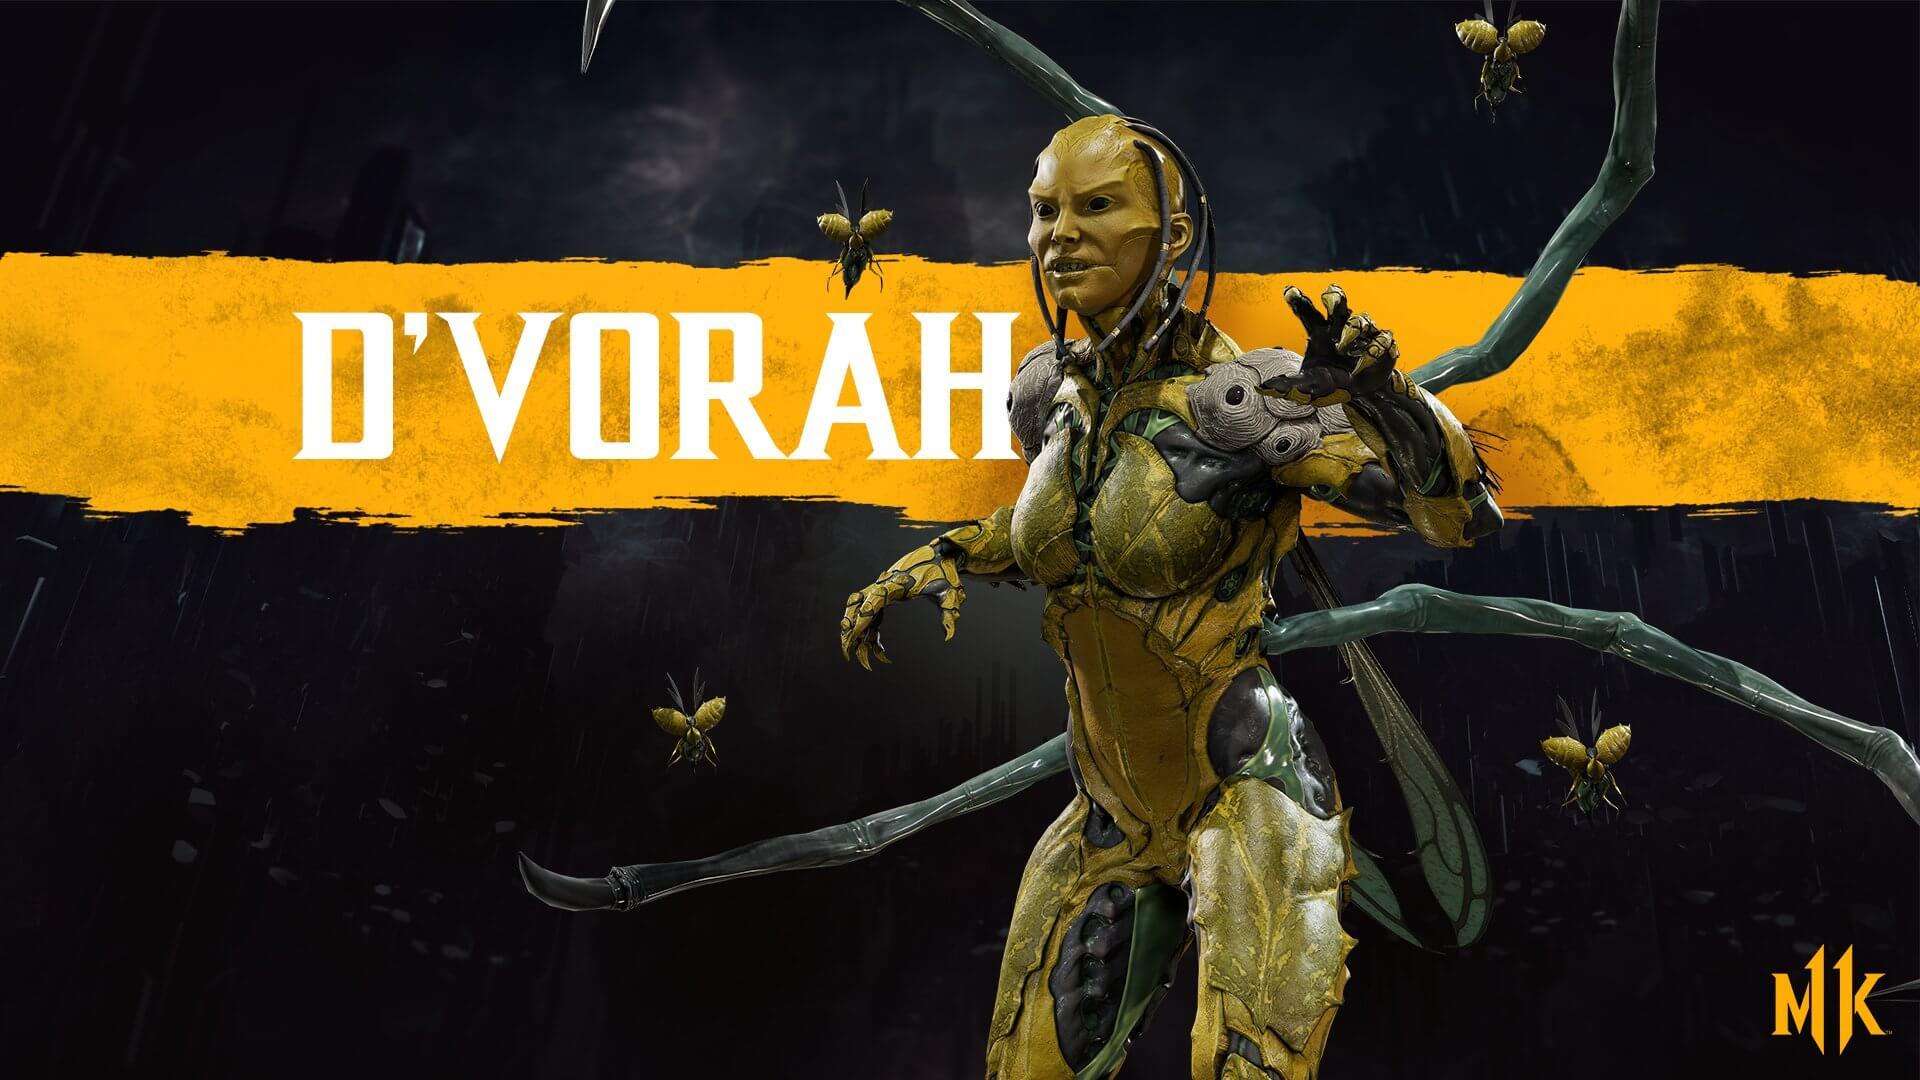 Dvorah em Mortal Kombat 11